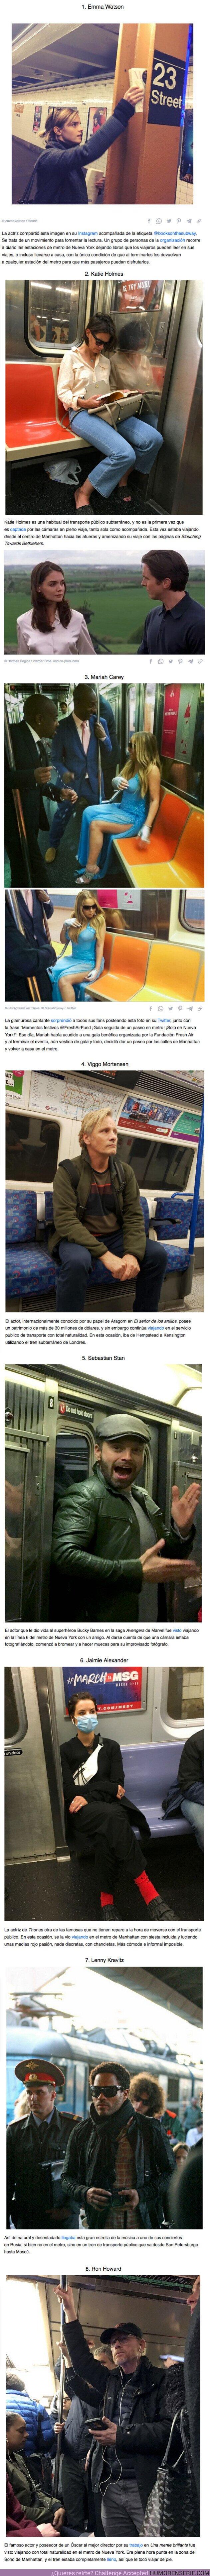 76381 - GALERÍA: 8 estrellas de Hollywood que usan el metro como si fueran cualquiera de nosotros